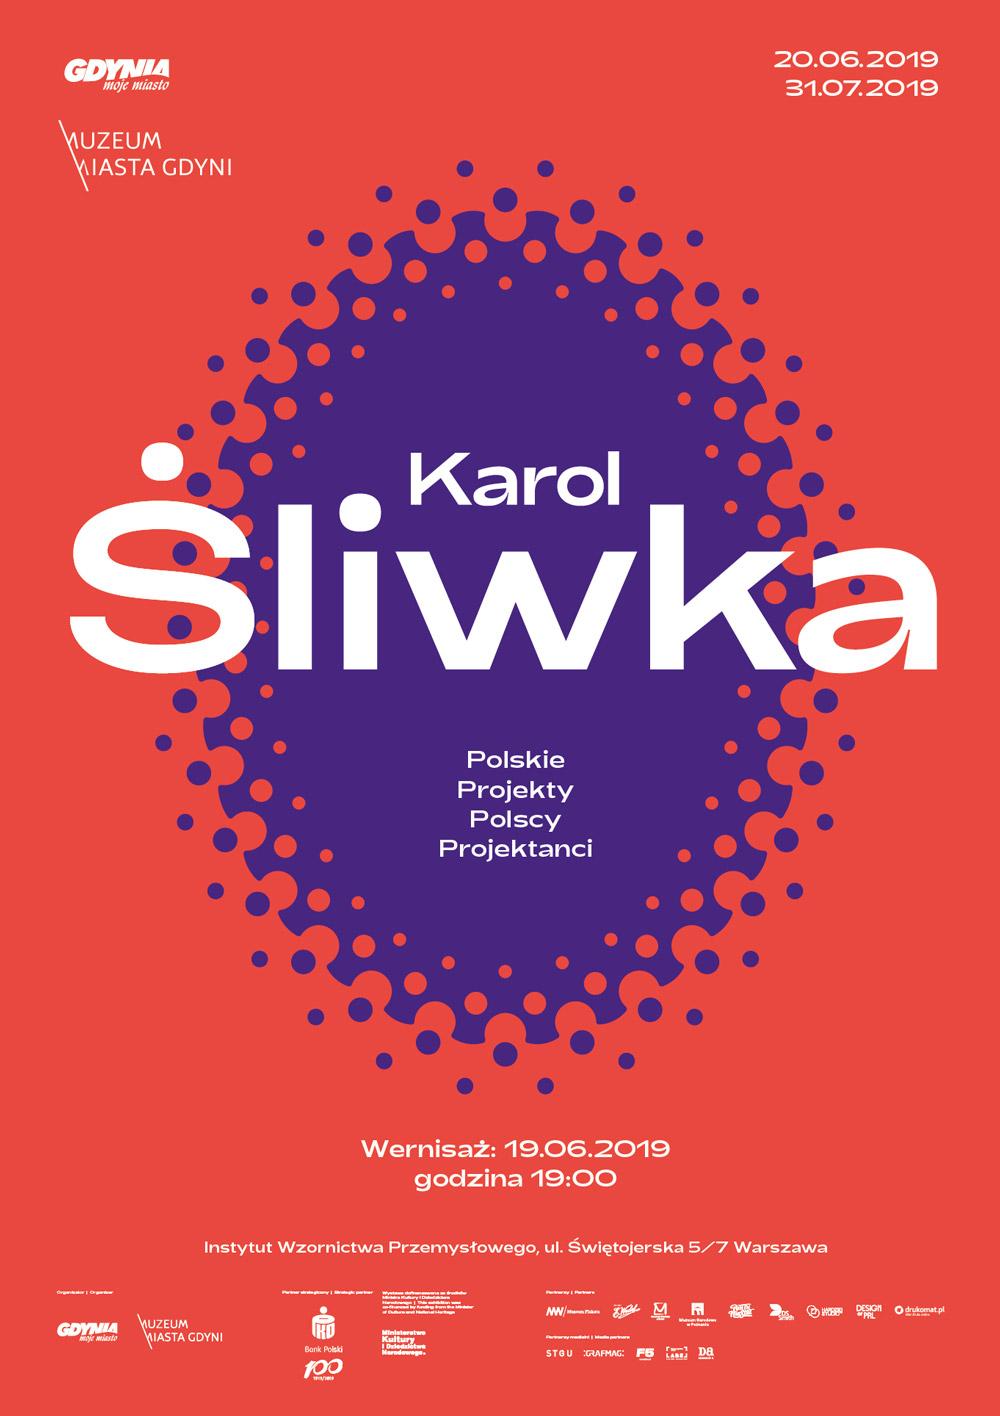 Karol Śliwka - wystawa w Warszawie